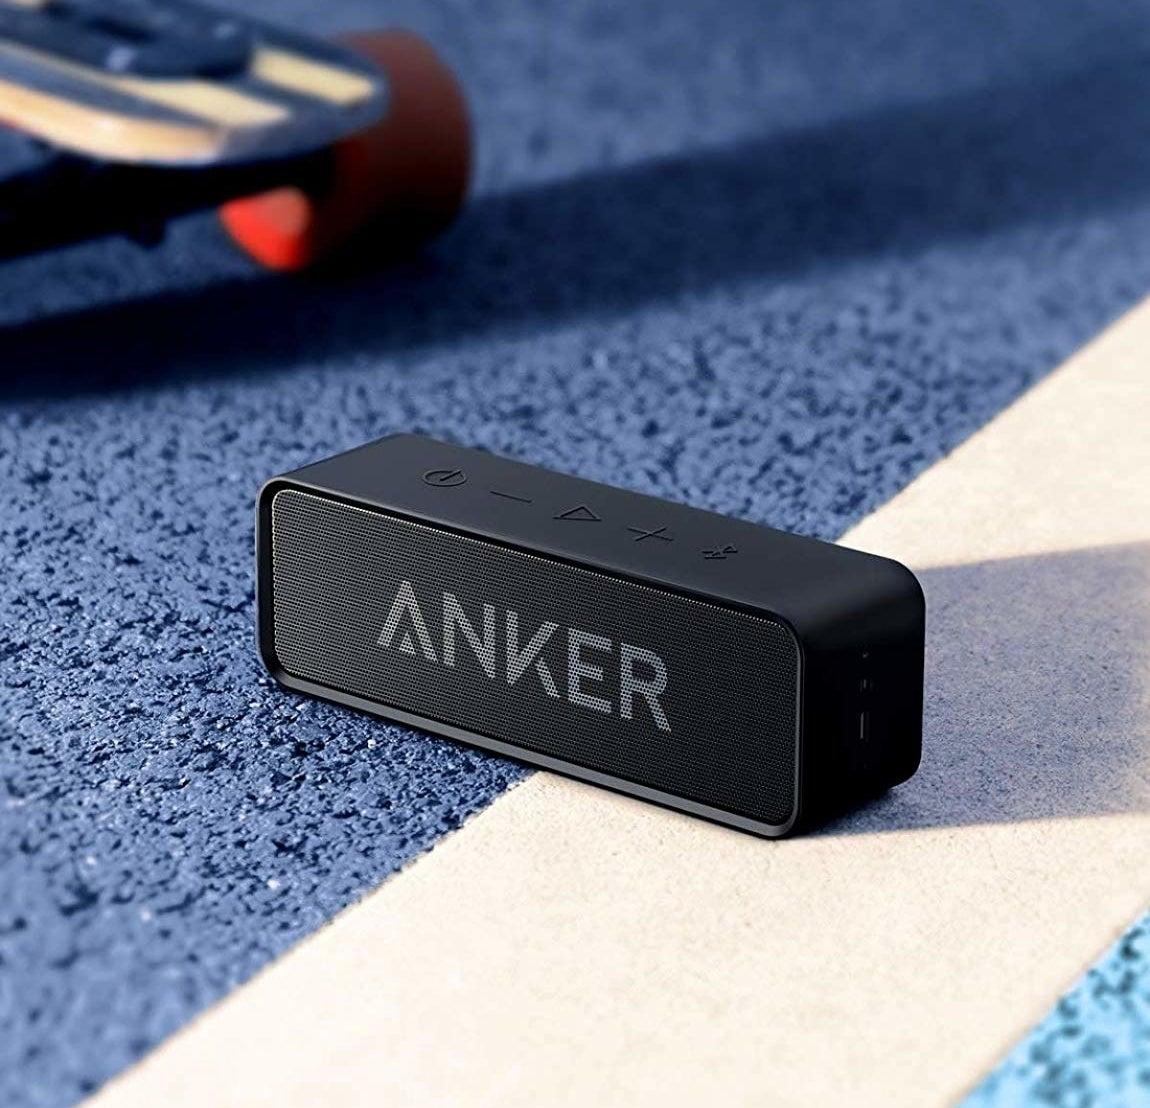 The Anker speaker sitting on concrete